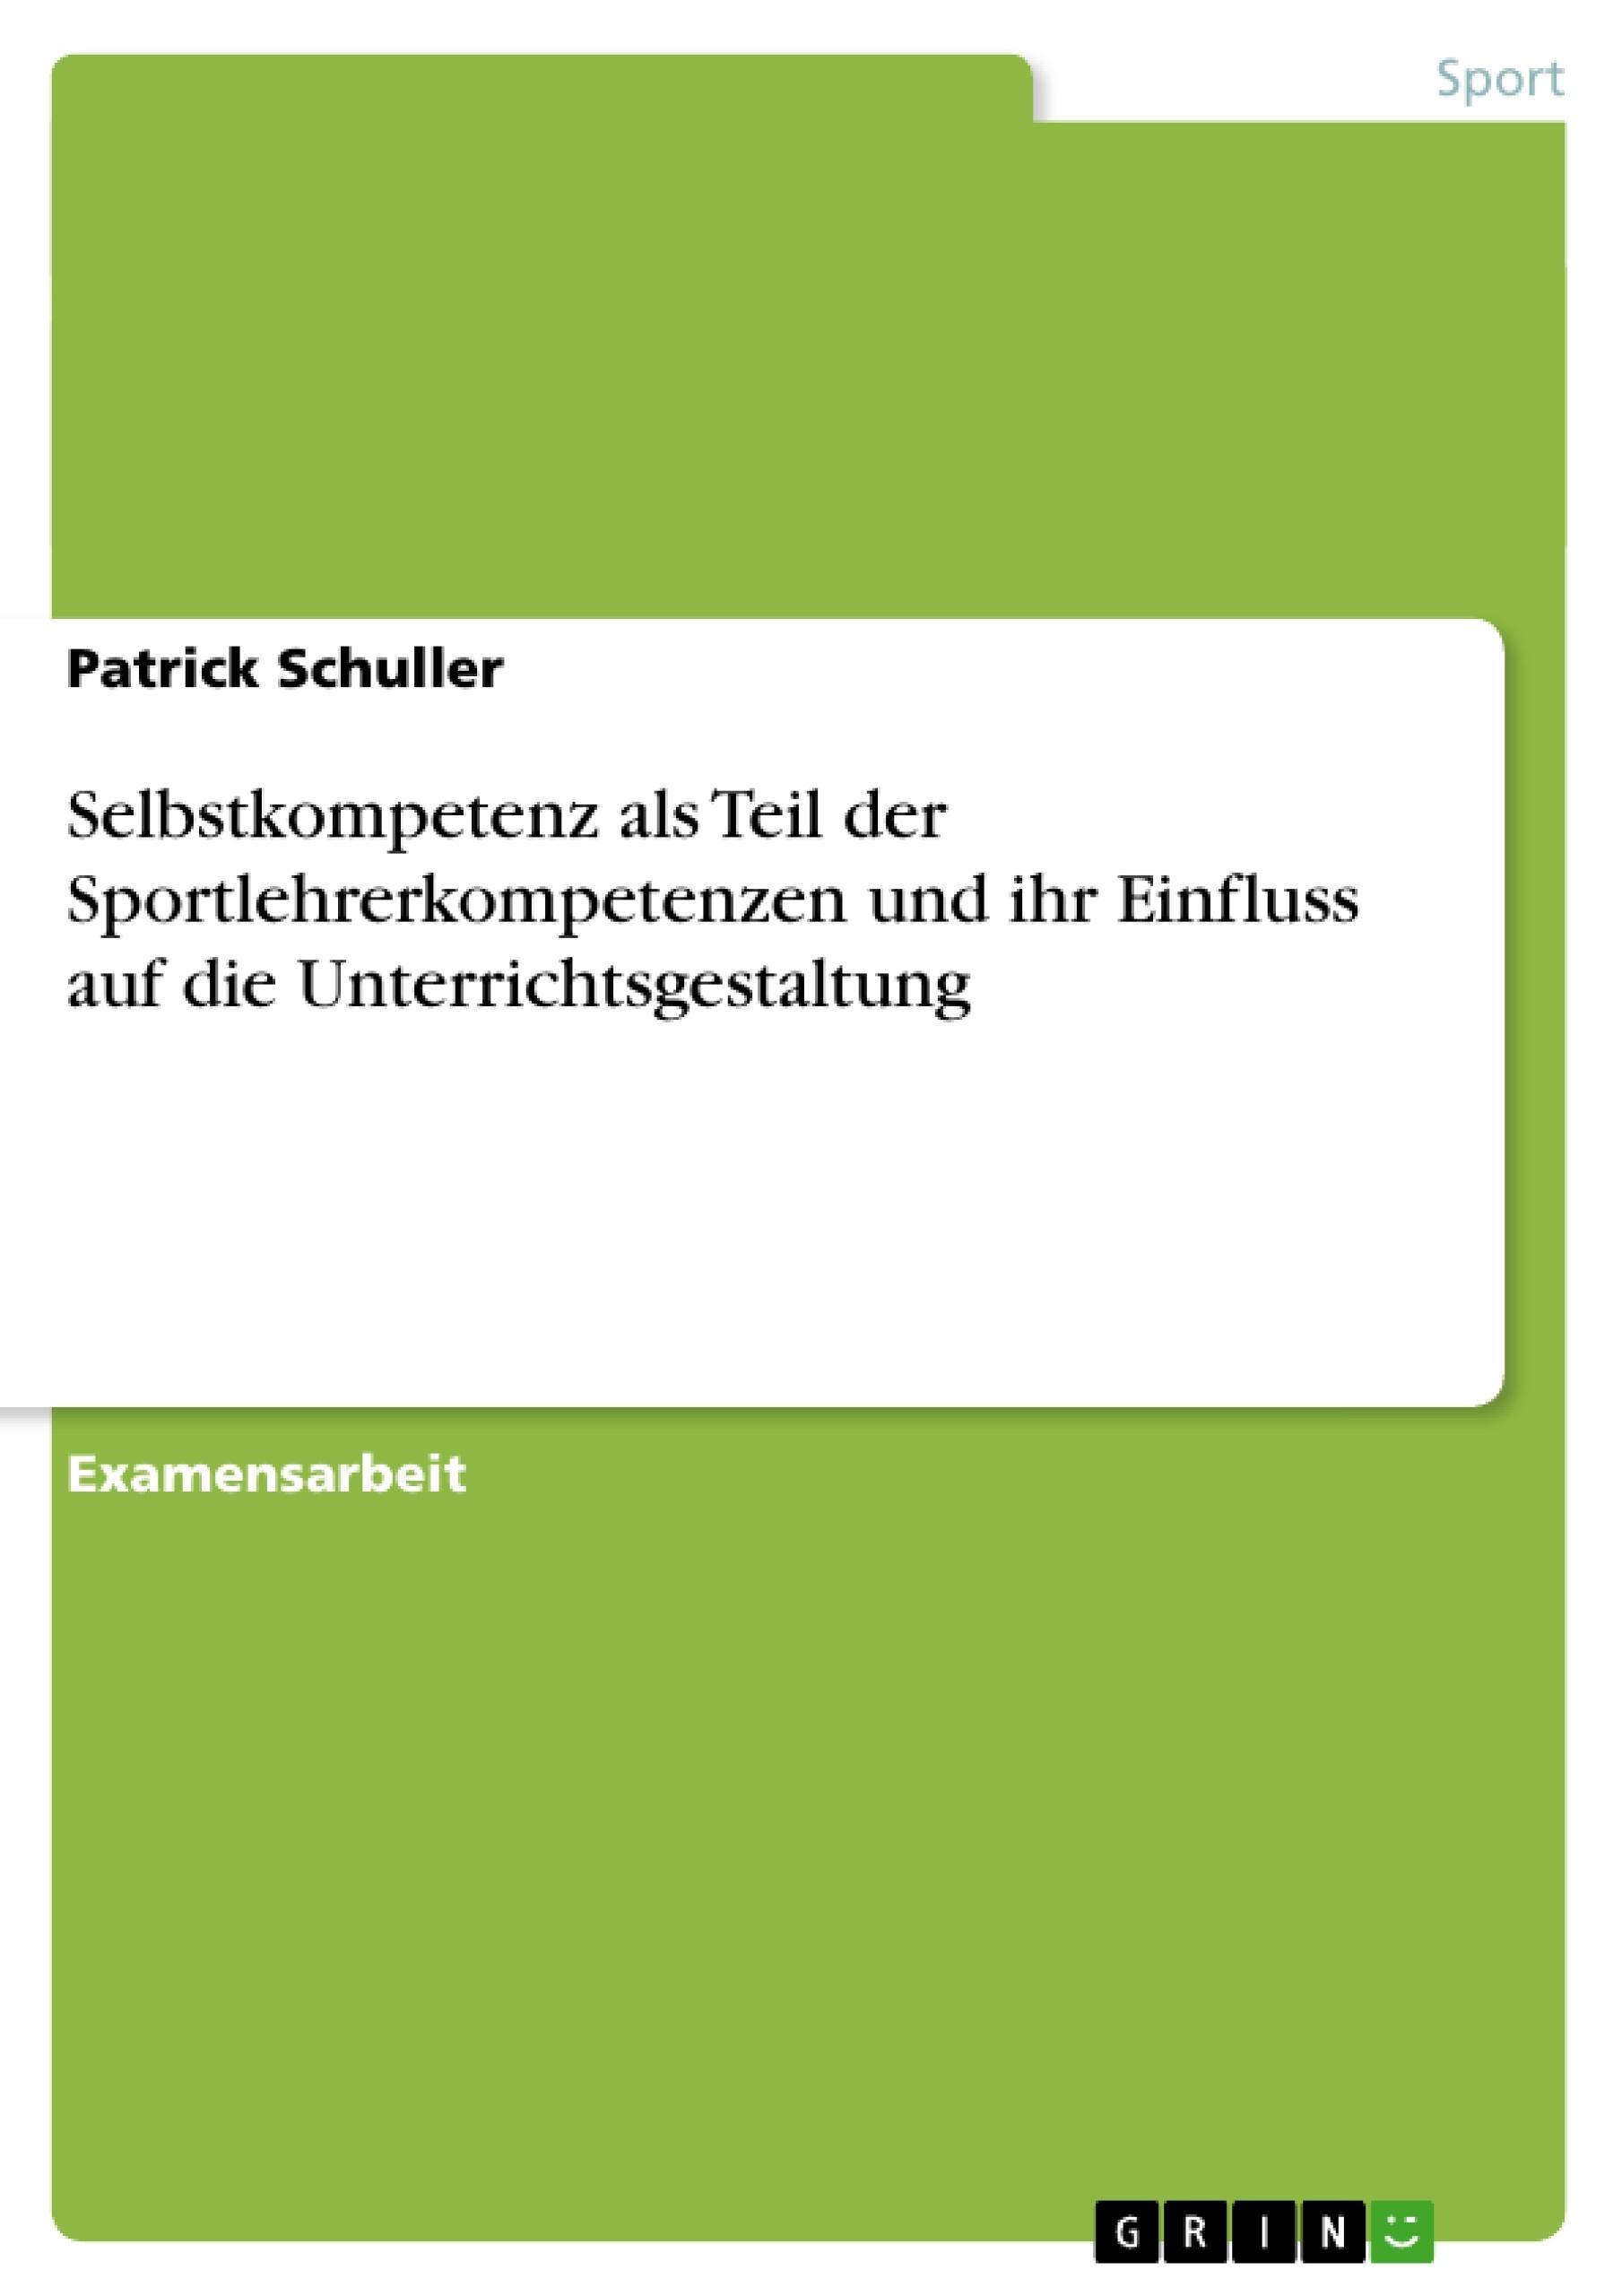 Titel: Selbstkompetenz als Teil der  Sportlehrerkompetenzen und ihr Einfluss  auf die Unterrichtsgestaltung